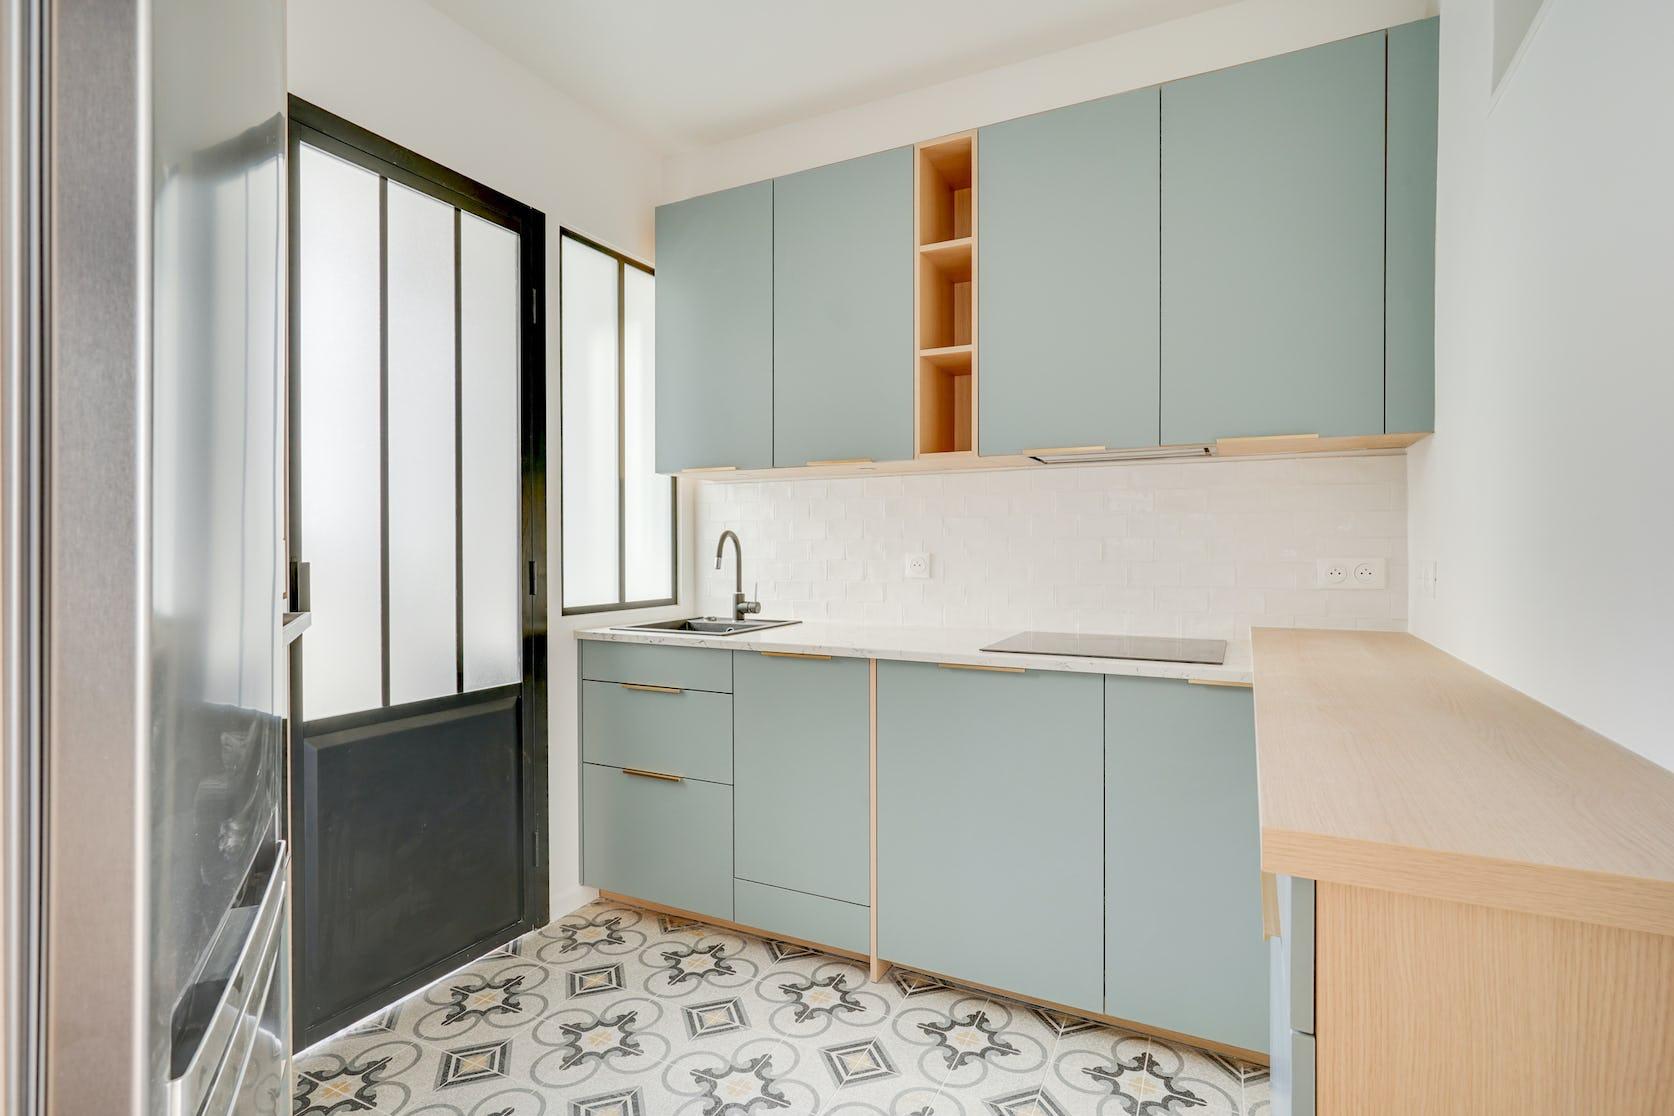 rénovation cuisine en L avec verrière